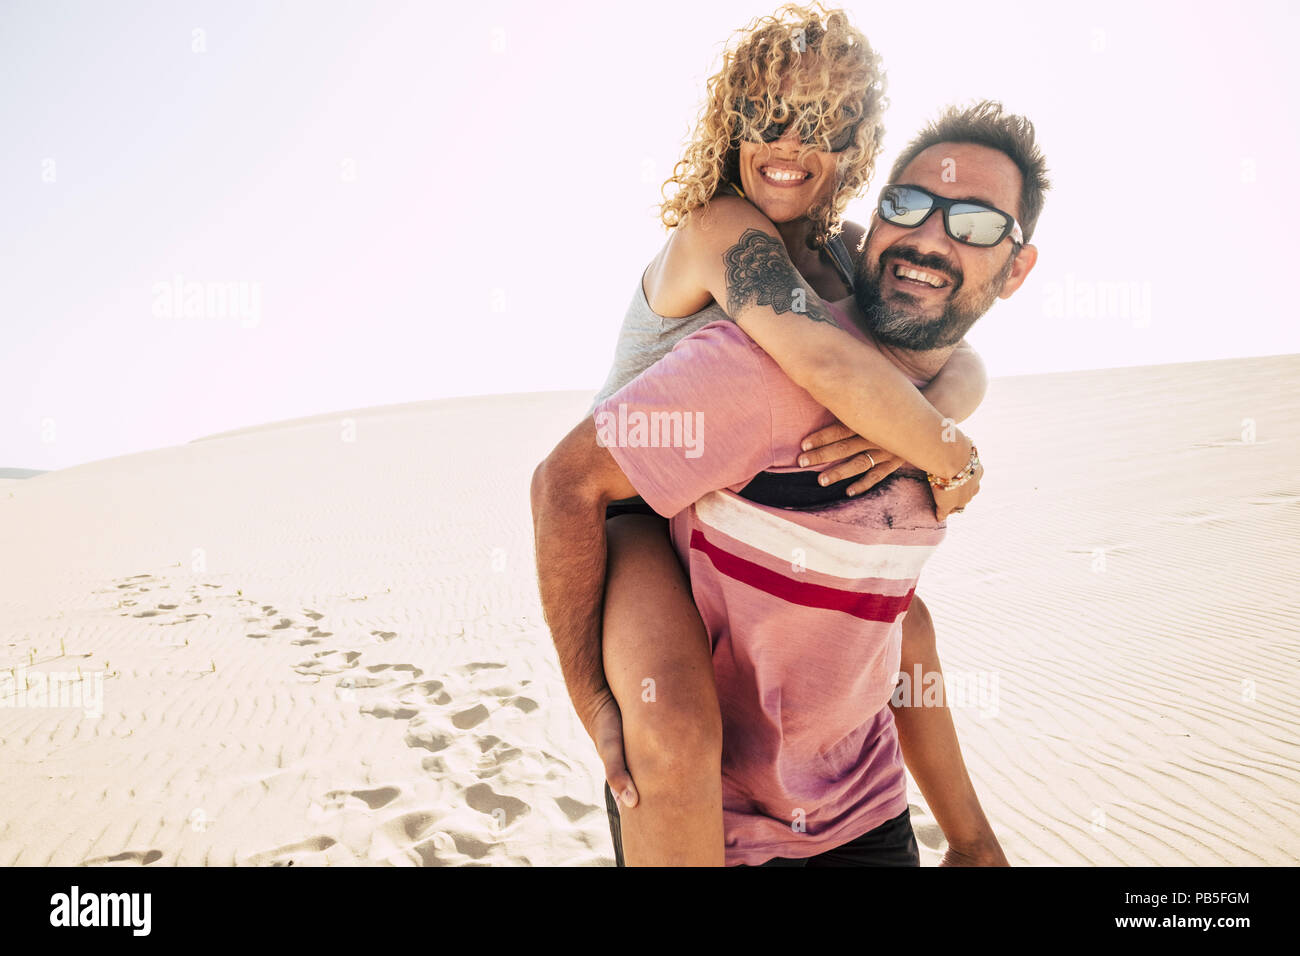 Personas y pareja en amor, divertirse y disfrutar de las dunas del desierto en la playa de vacaciones. El hombre llevan sobre sus espaldas el hermoso cabello rizado mujer sonriendo un Imagen De Stock